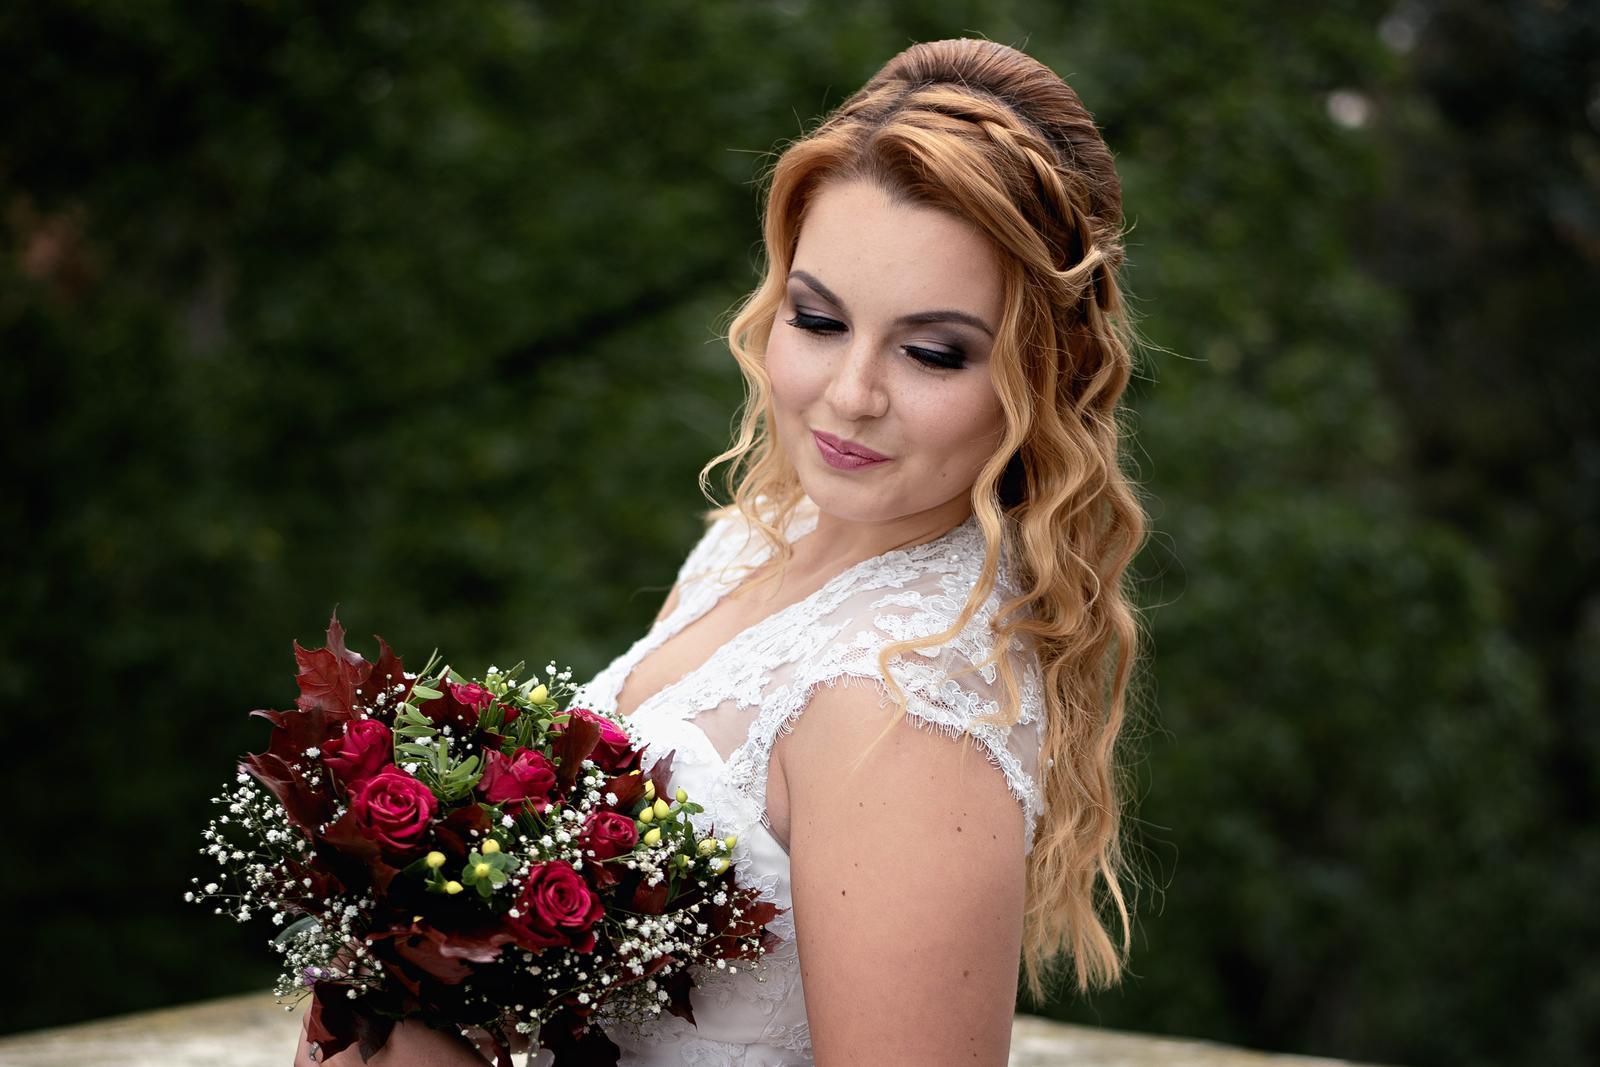 Svatby fotím z velké... - Obrázek č. 1